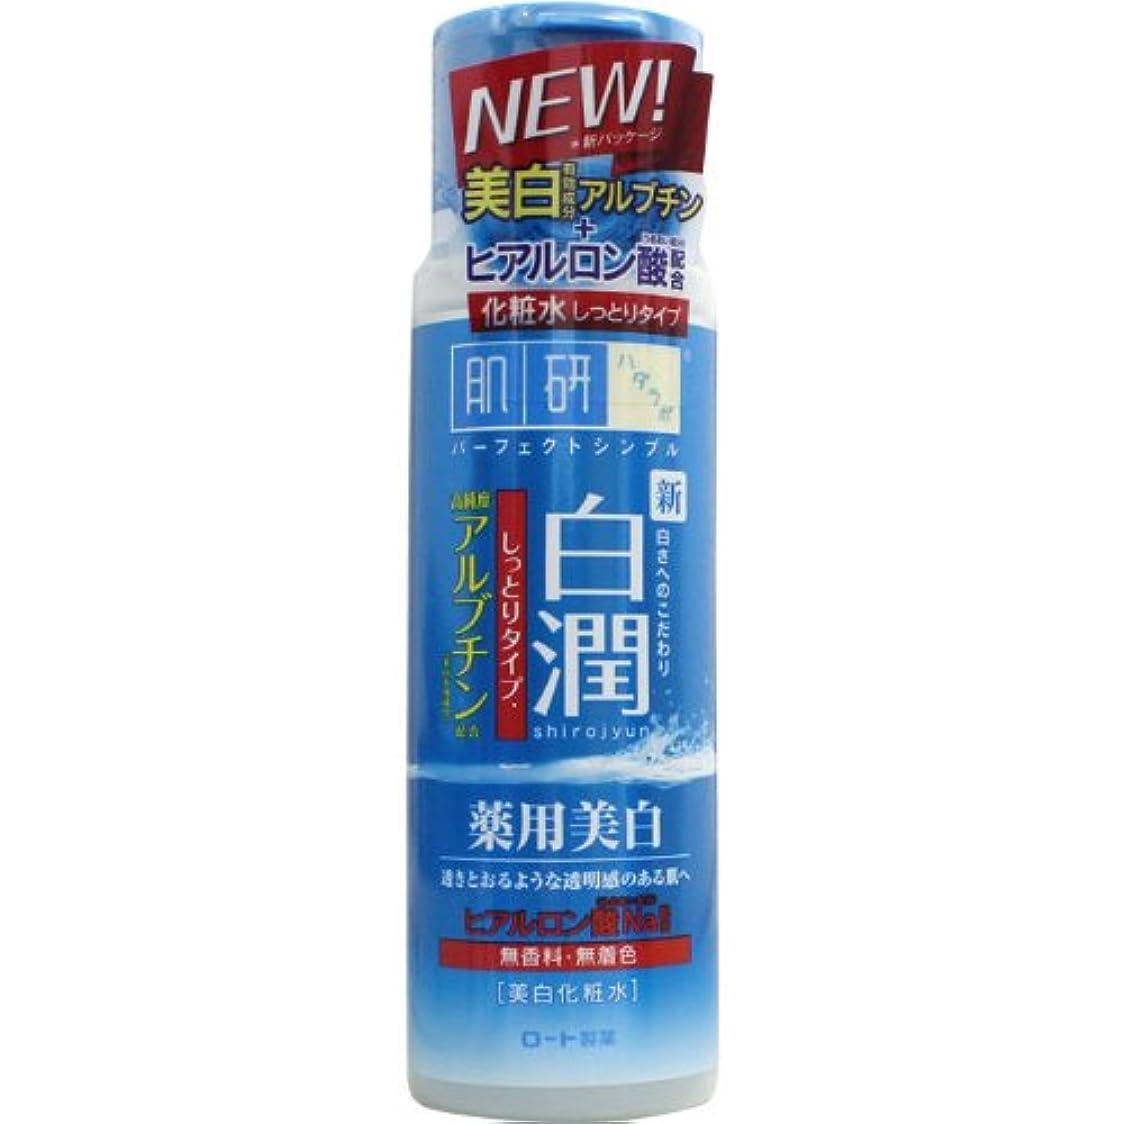 ペルメル混合したブート【医薬部外品】肌ラボ 白潤 薬用美白化粧水 しっとりタイプ 170mL